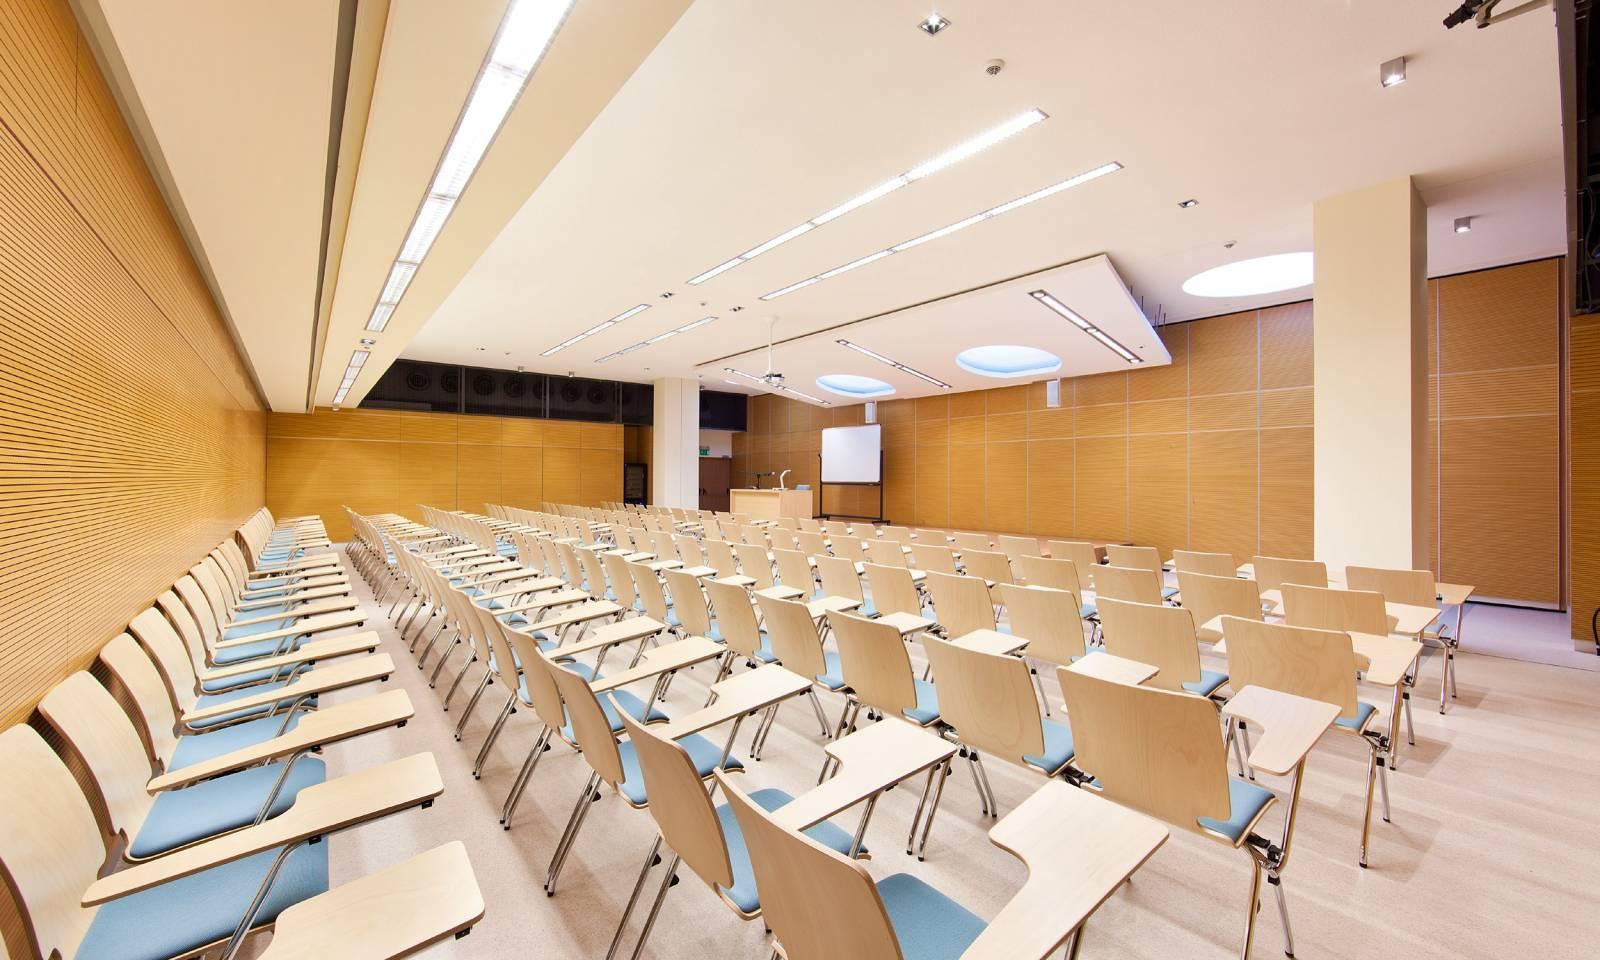 Chaise AXo dans une salle de formation avec tablettes écritoires sur Aix en Provence